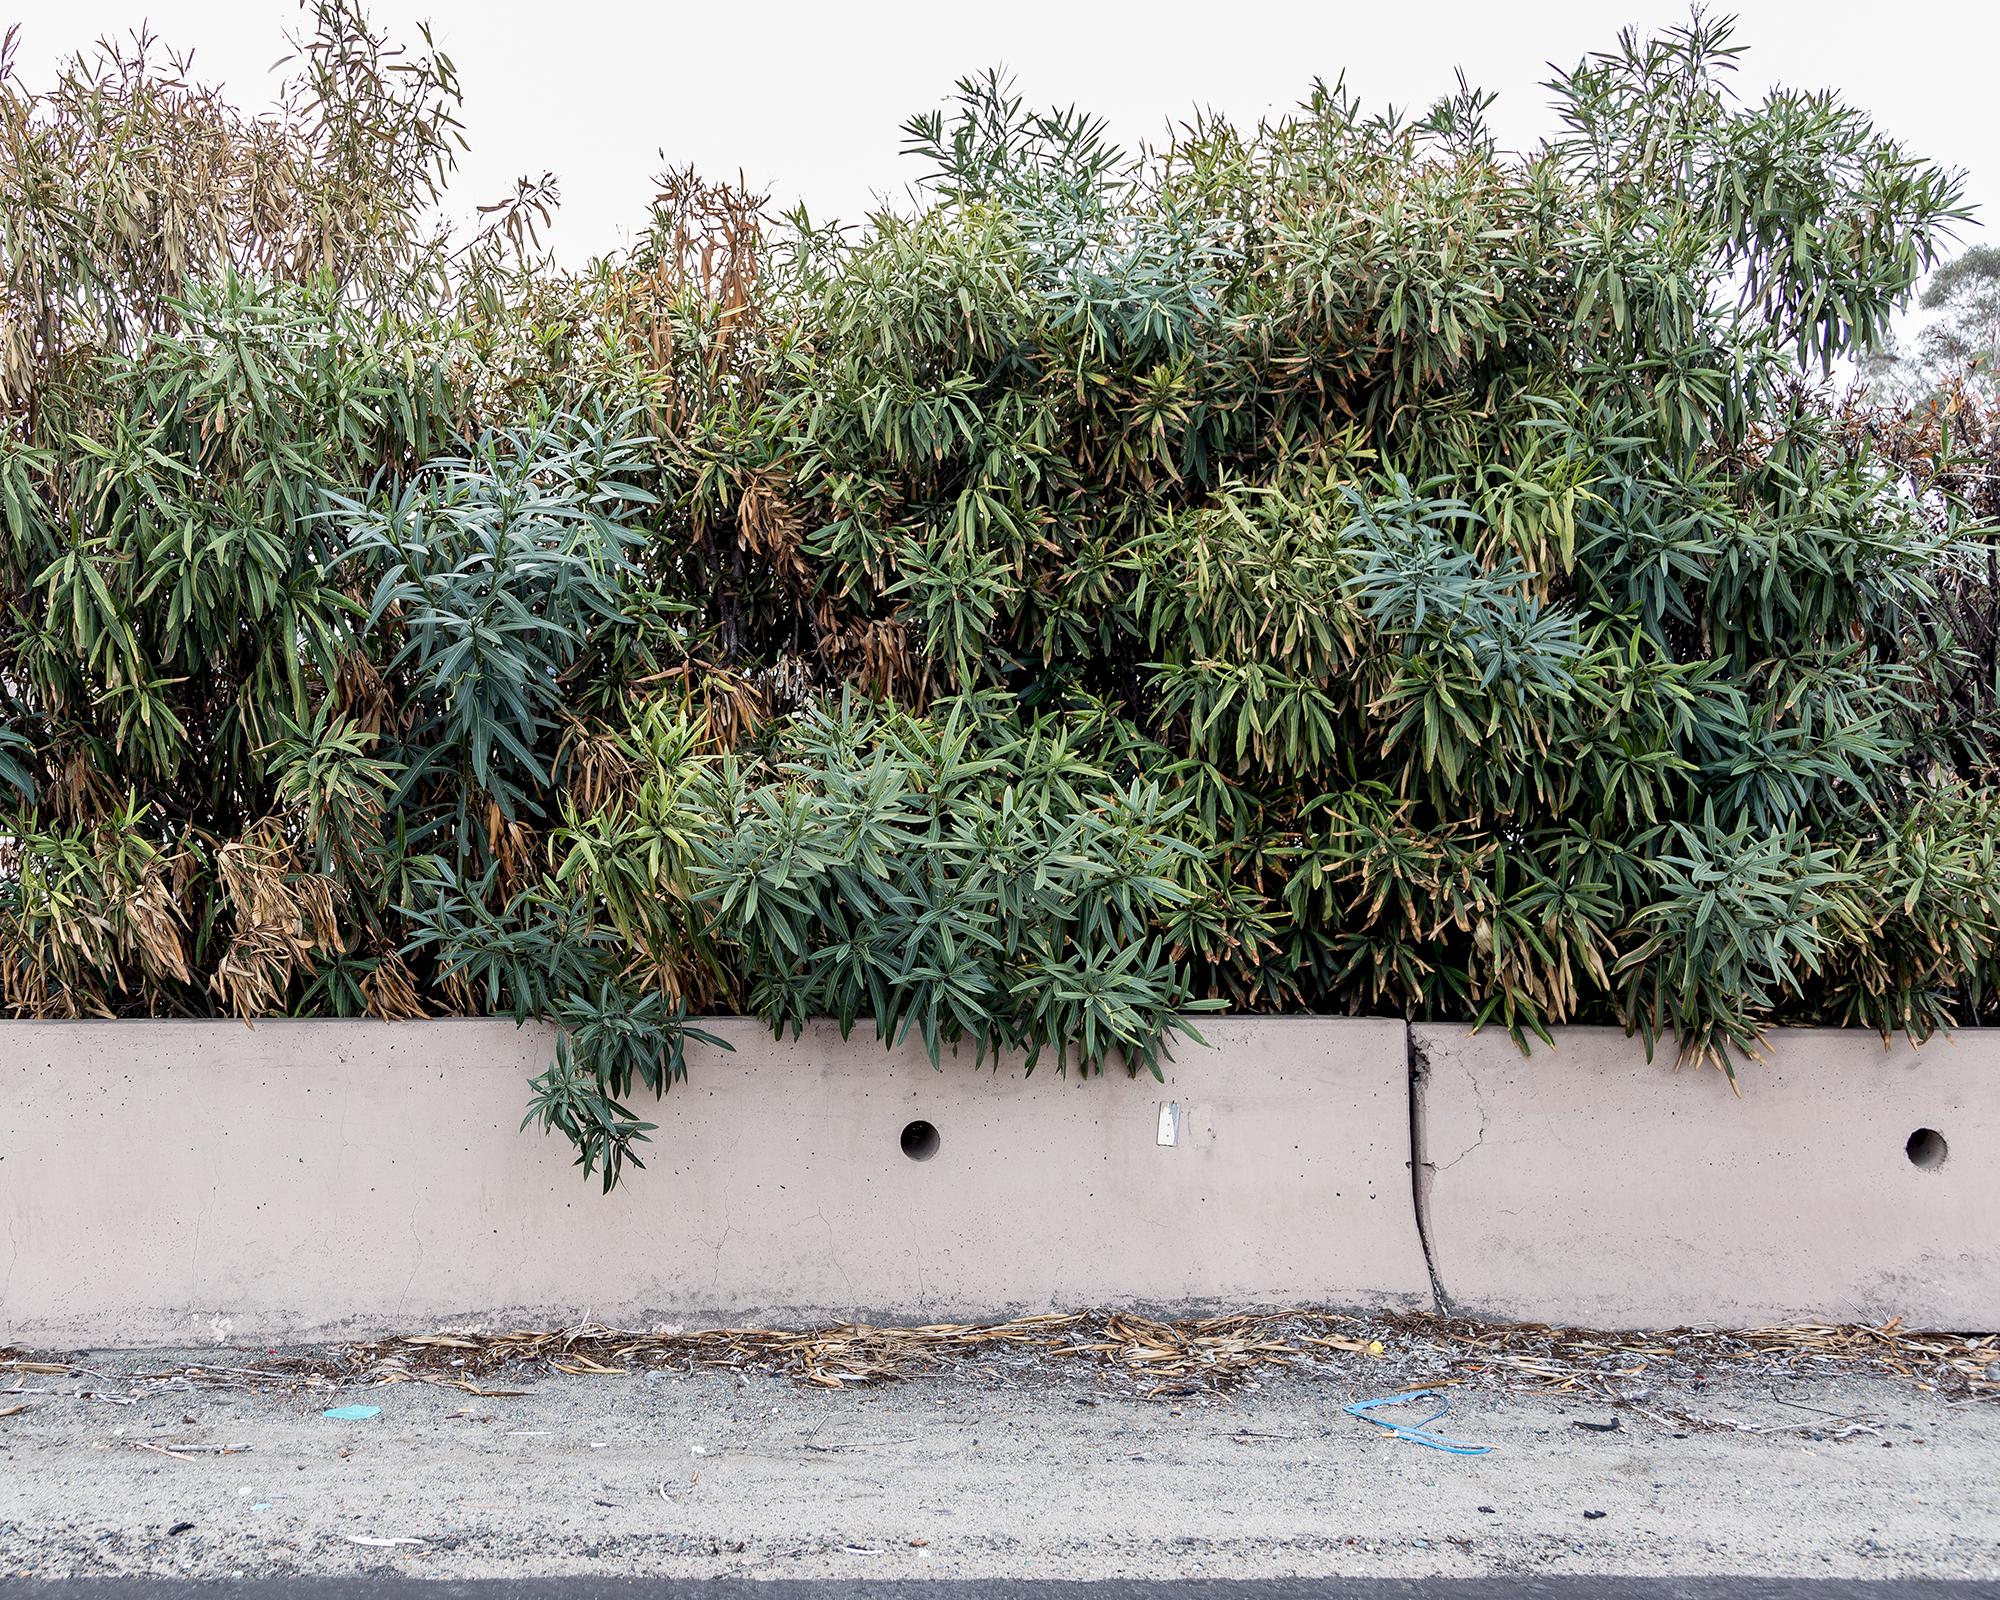 Camouflage © Douglas Stockdale